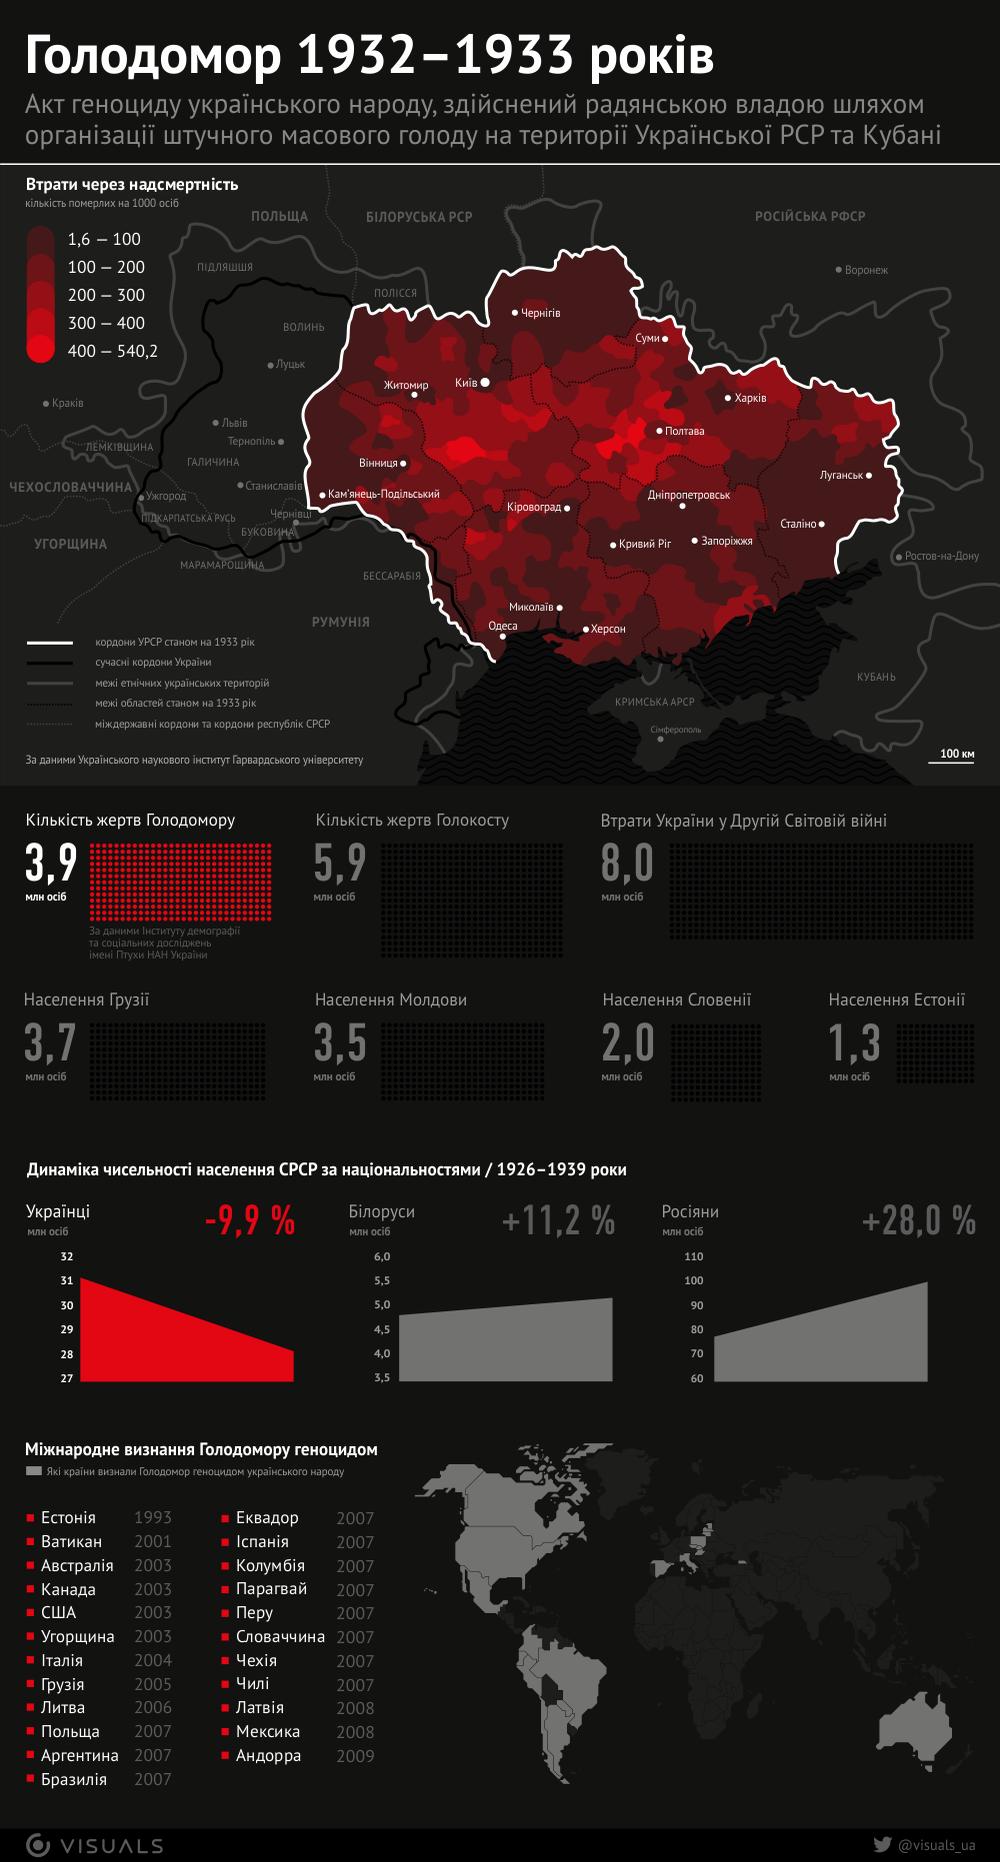 голодомор в Україні інфографіка